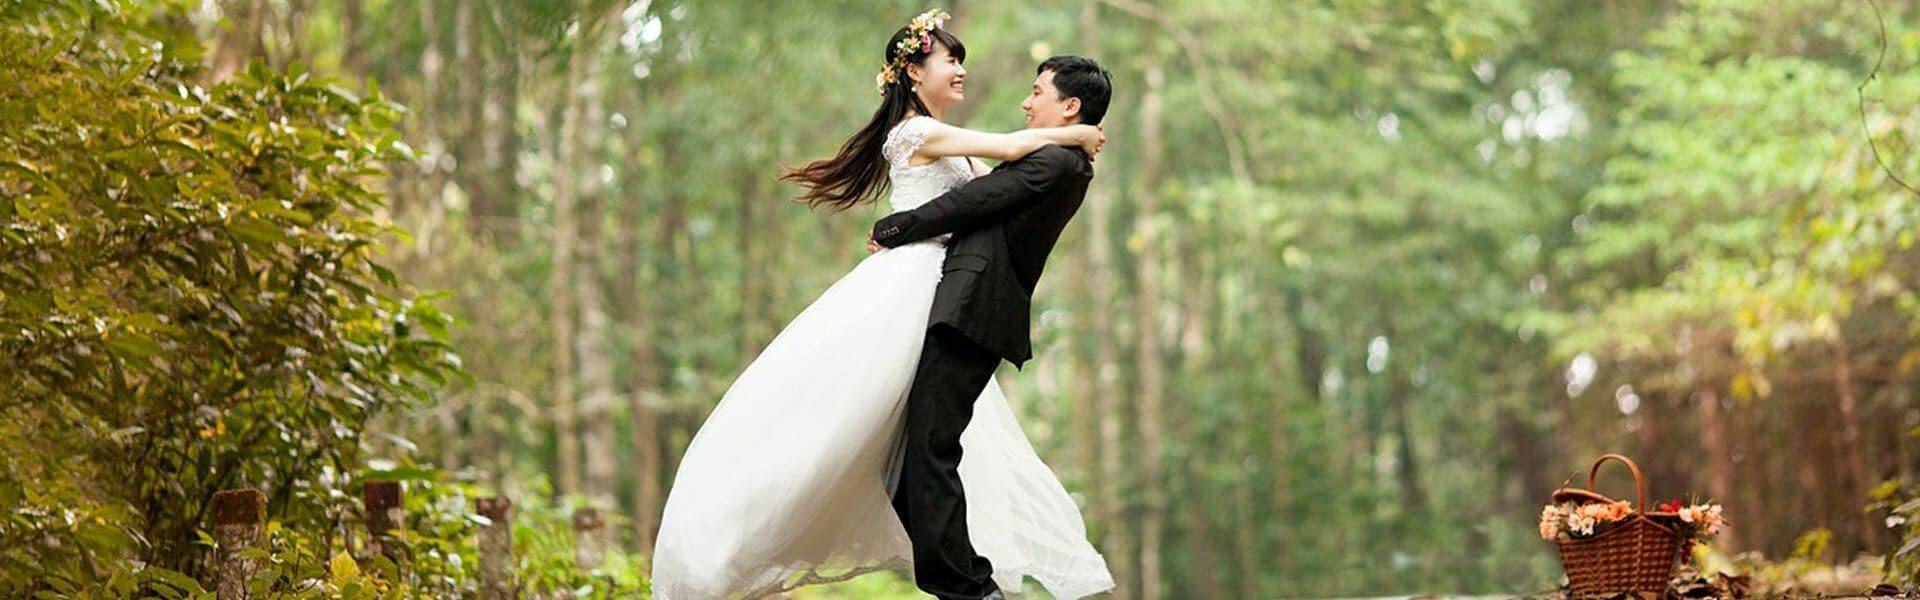 blog-lista-de-casamento-saiba-como-montar-a-sua-passo-a-passo